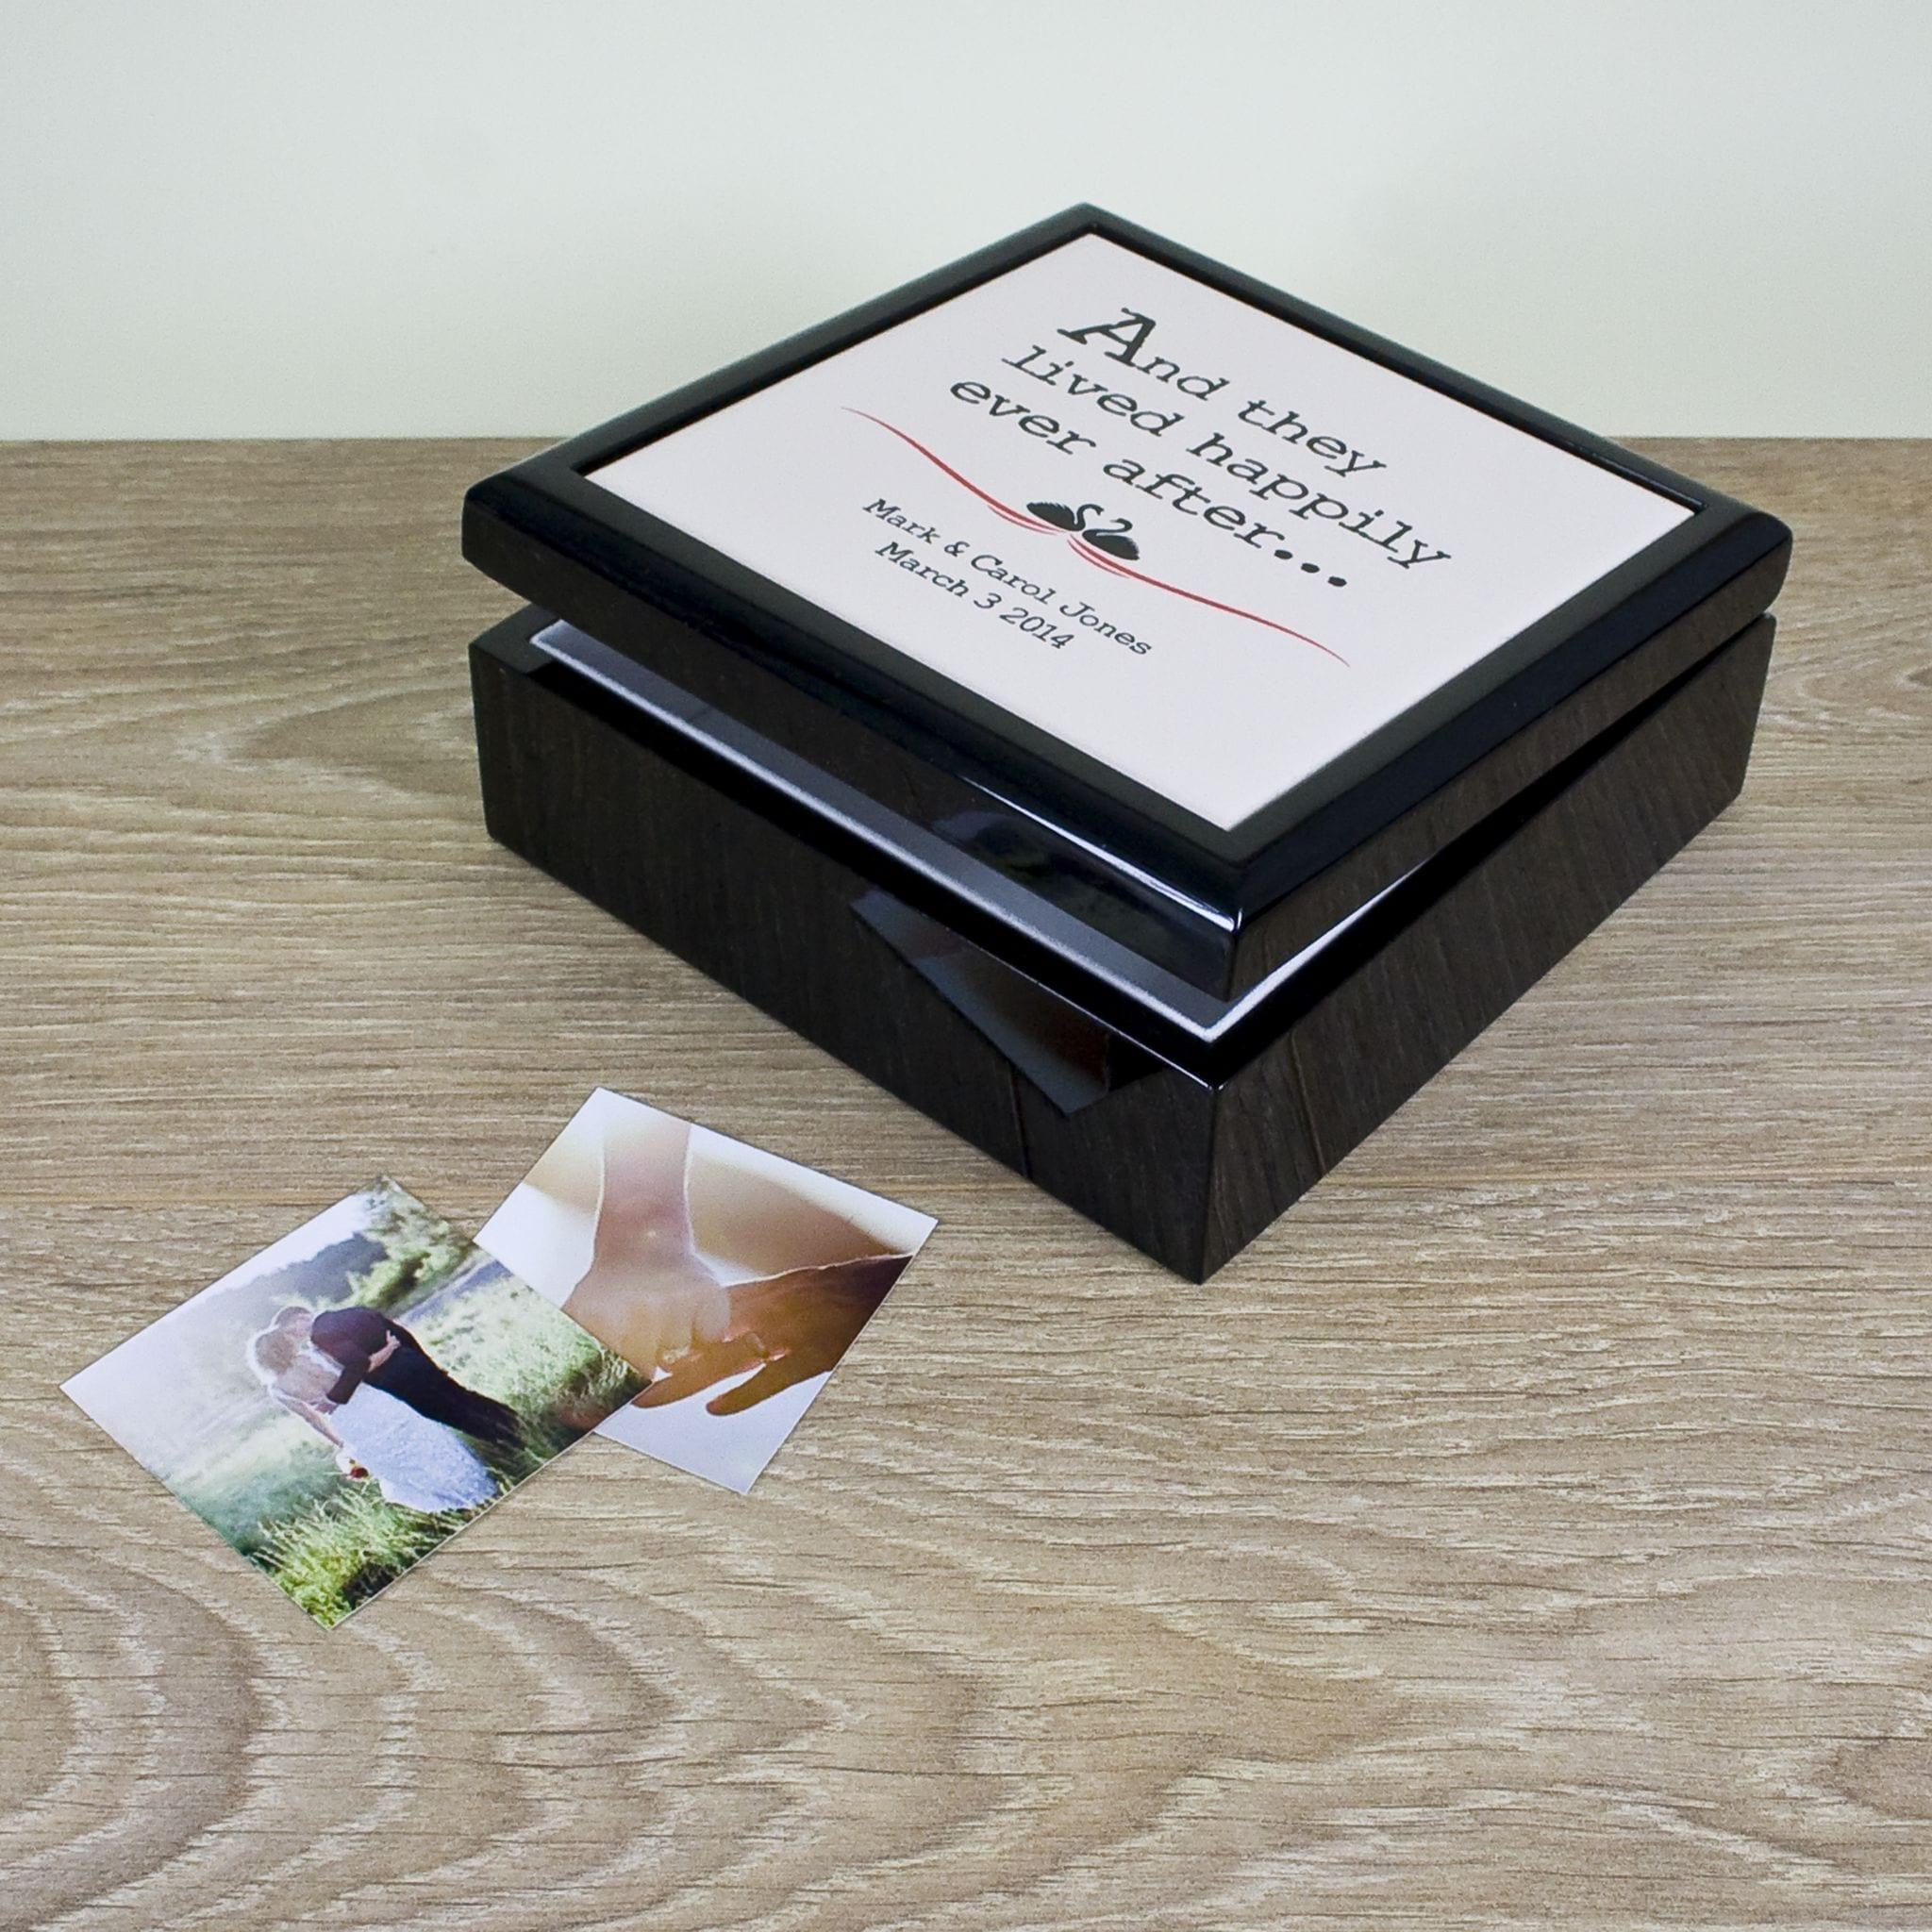 fairytale-couple-keepsake-box-7812-p.jpg